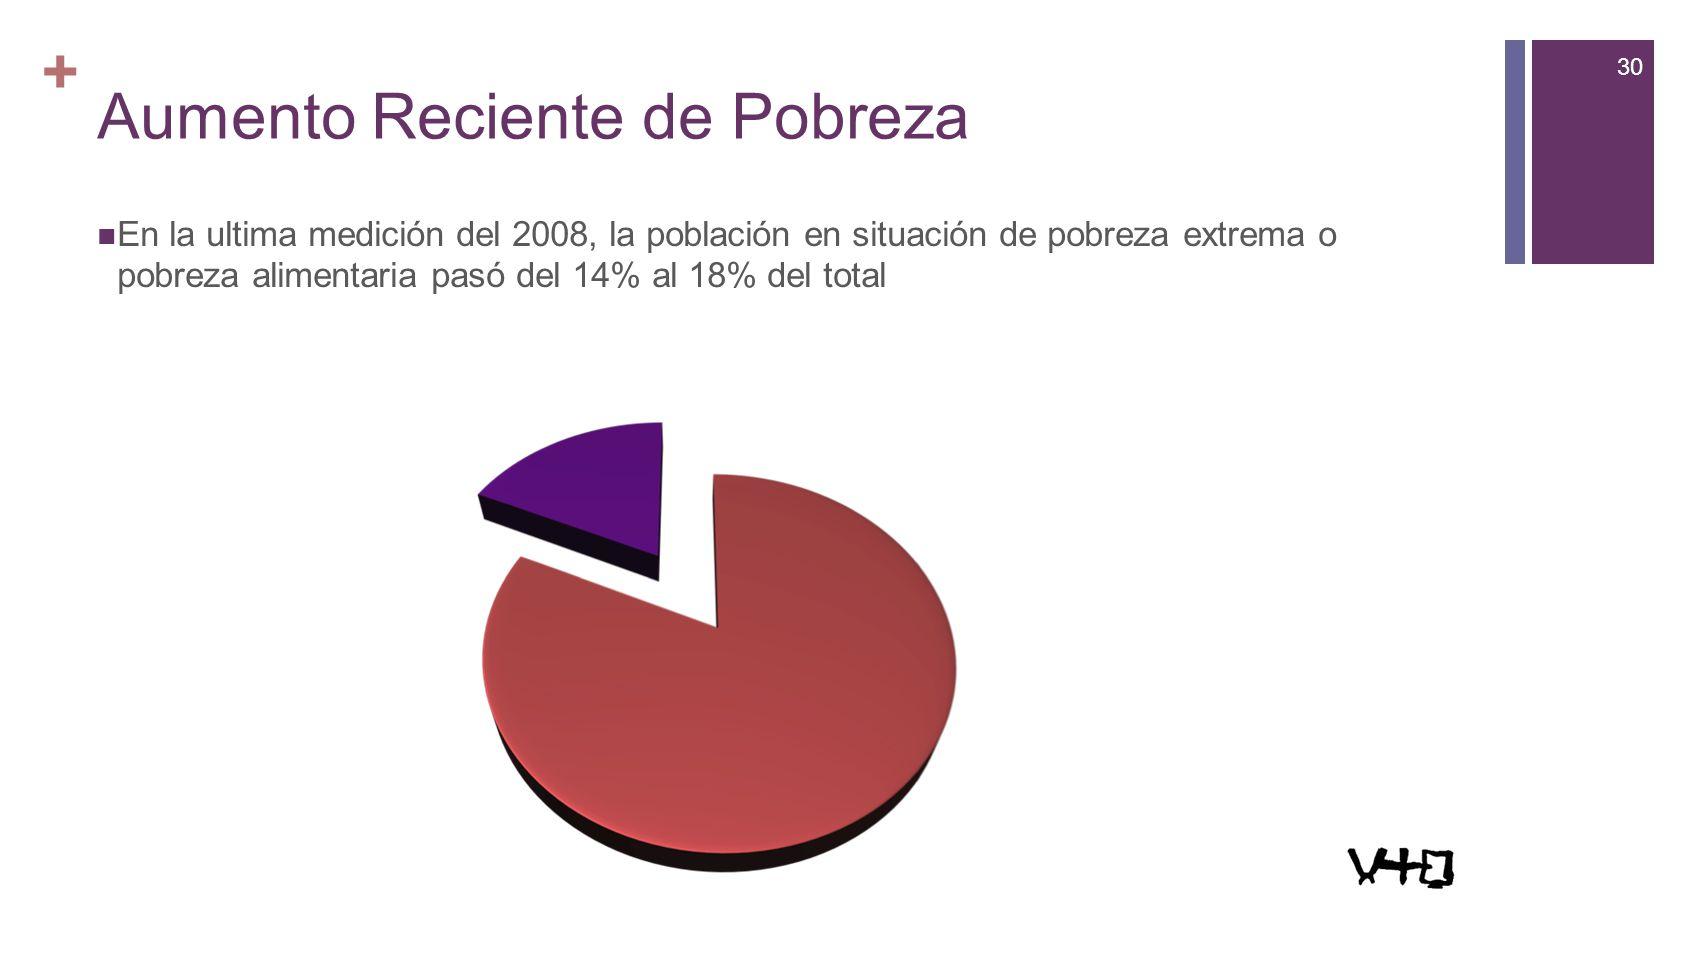 30 + Aumento Reciente de Pobreza En la ultima medición del 2008, la población en situación de pobreza extrema o pobreza alimentaria pasó del 14% al 18% del total